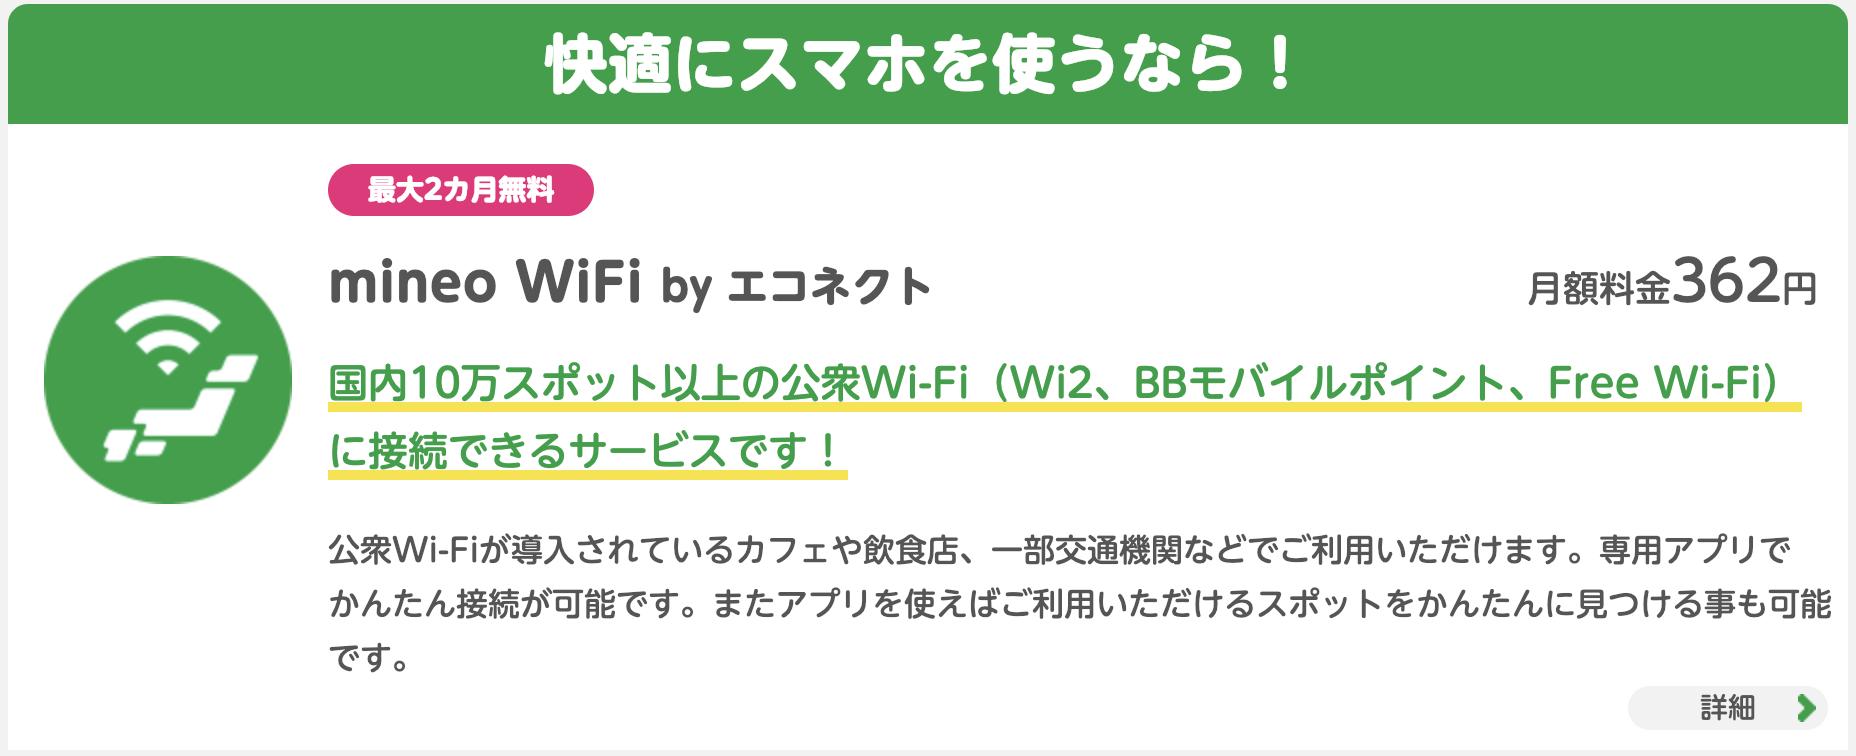 mineo wifi